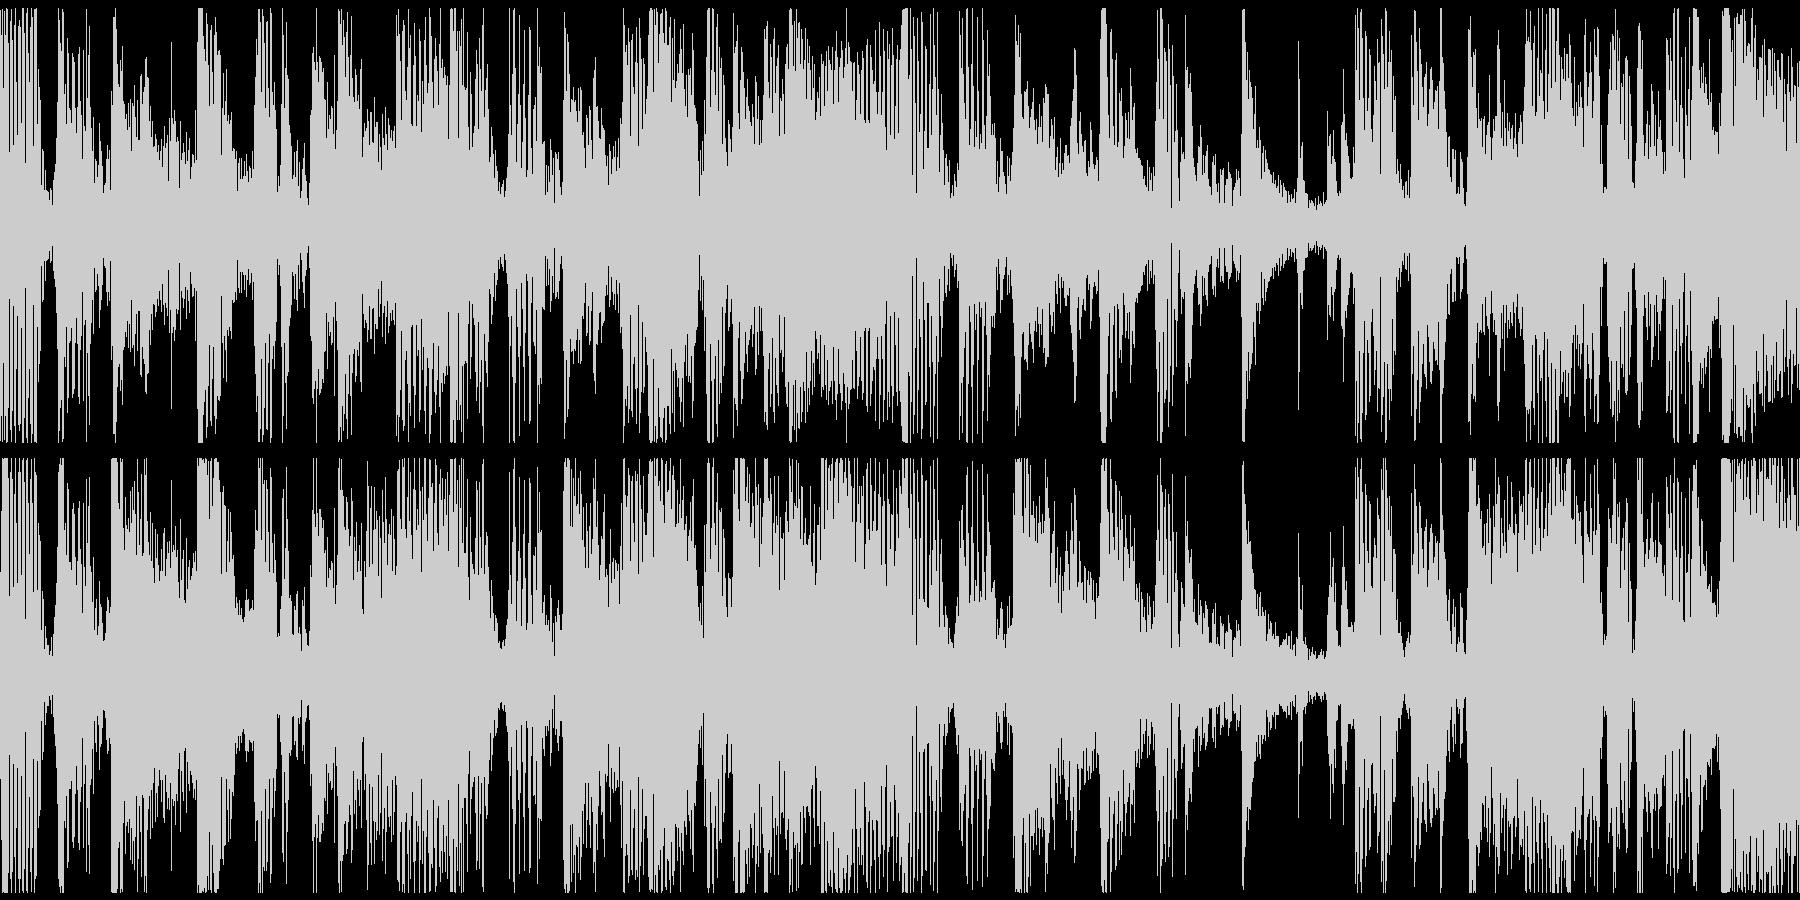 ループ。ギターカッティング。70年代風。の未再生の波形